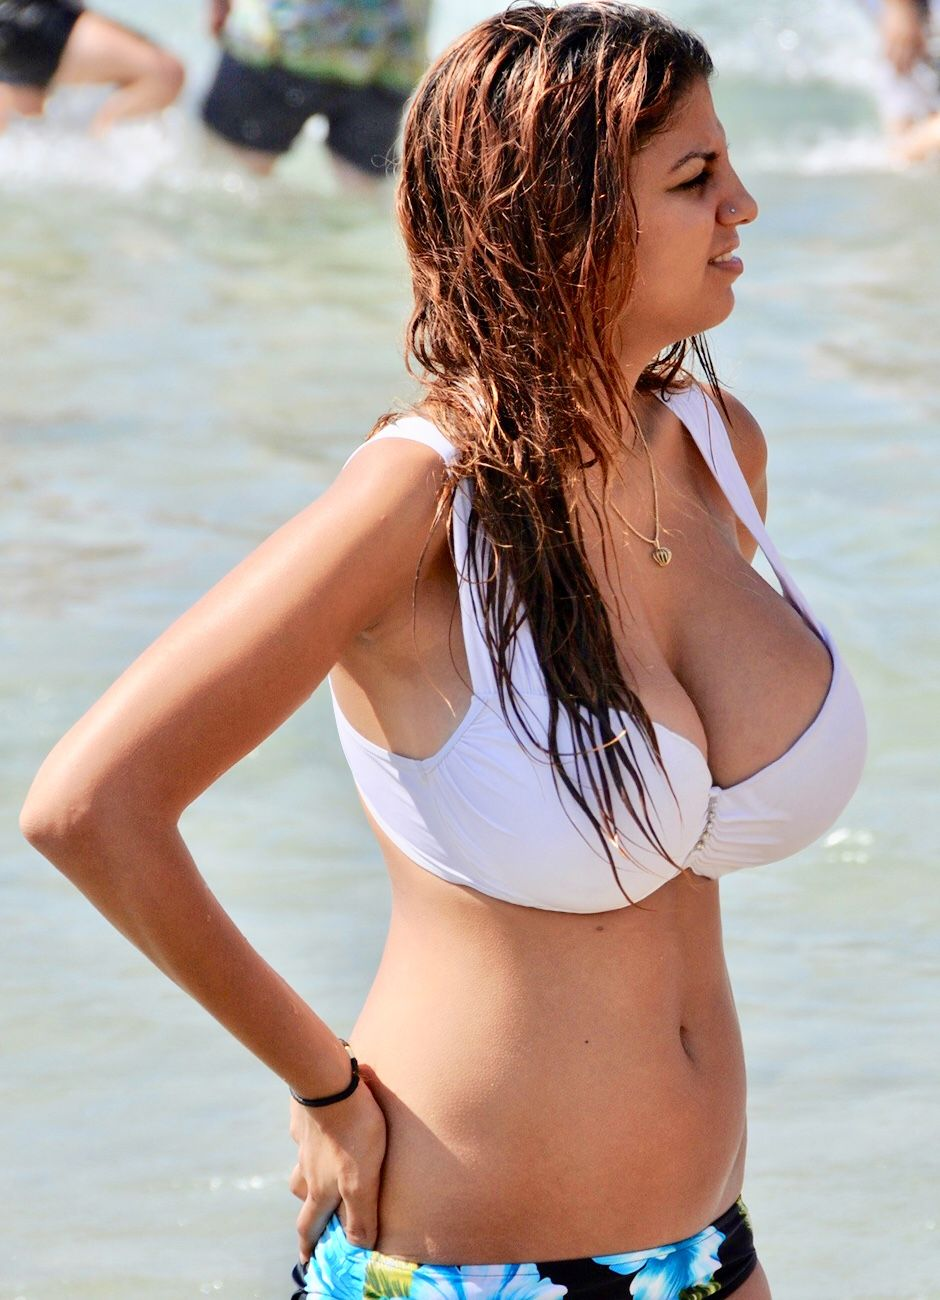 Big boobs p